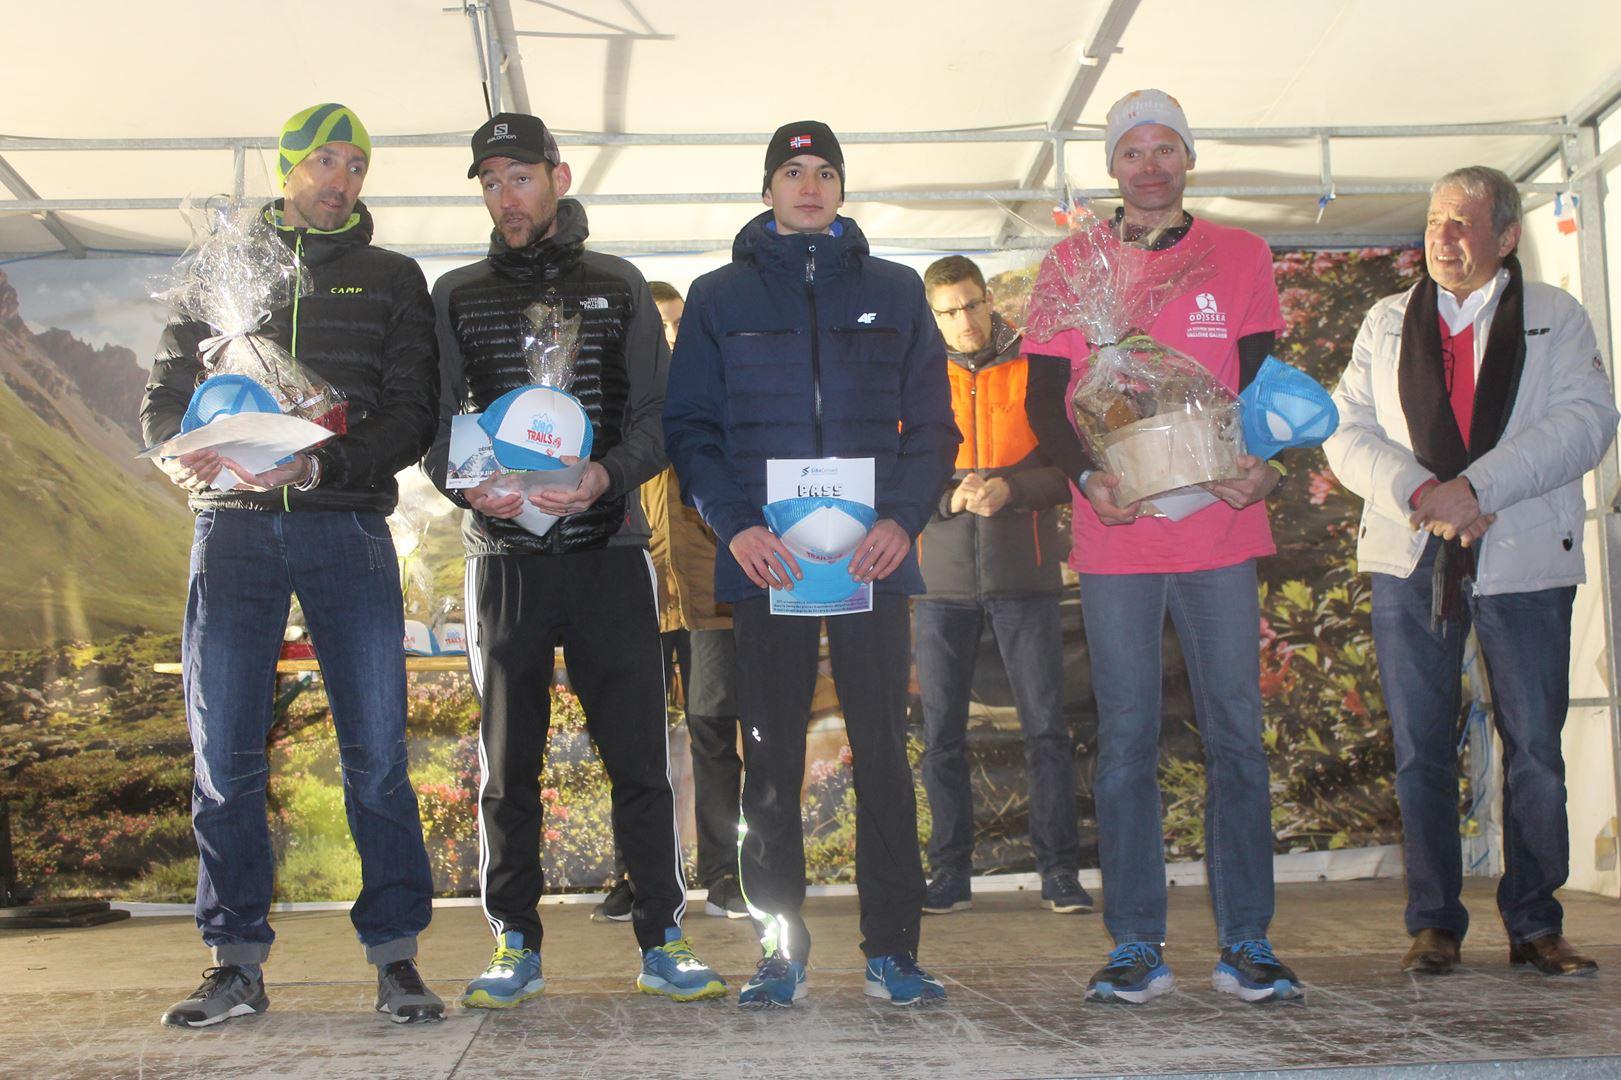 copie 0 podium hommes - ODYSSEA VALLOIRE (73) : POMMERET ET BIDAULT POUR LA PASSE DE TROIS ! 19/02/2019